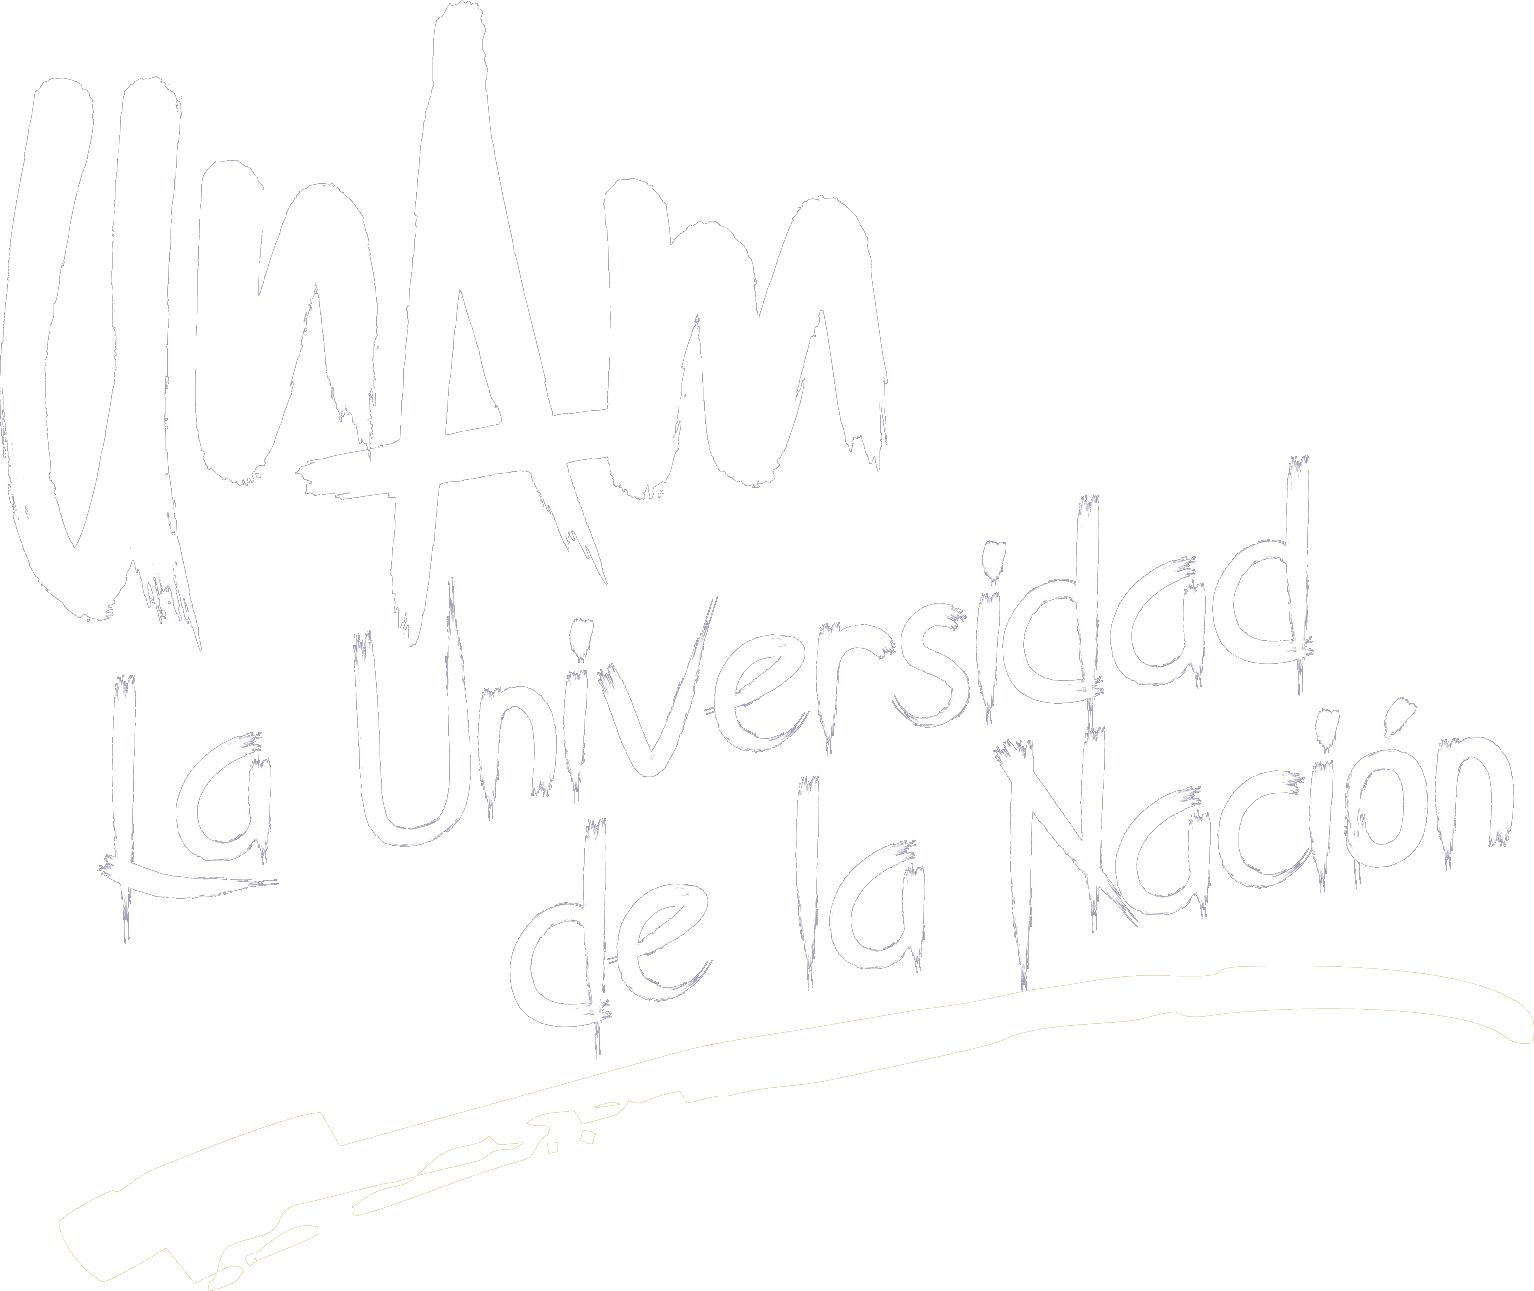 UNAM Universidad de la Nación